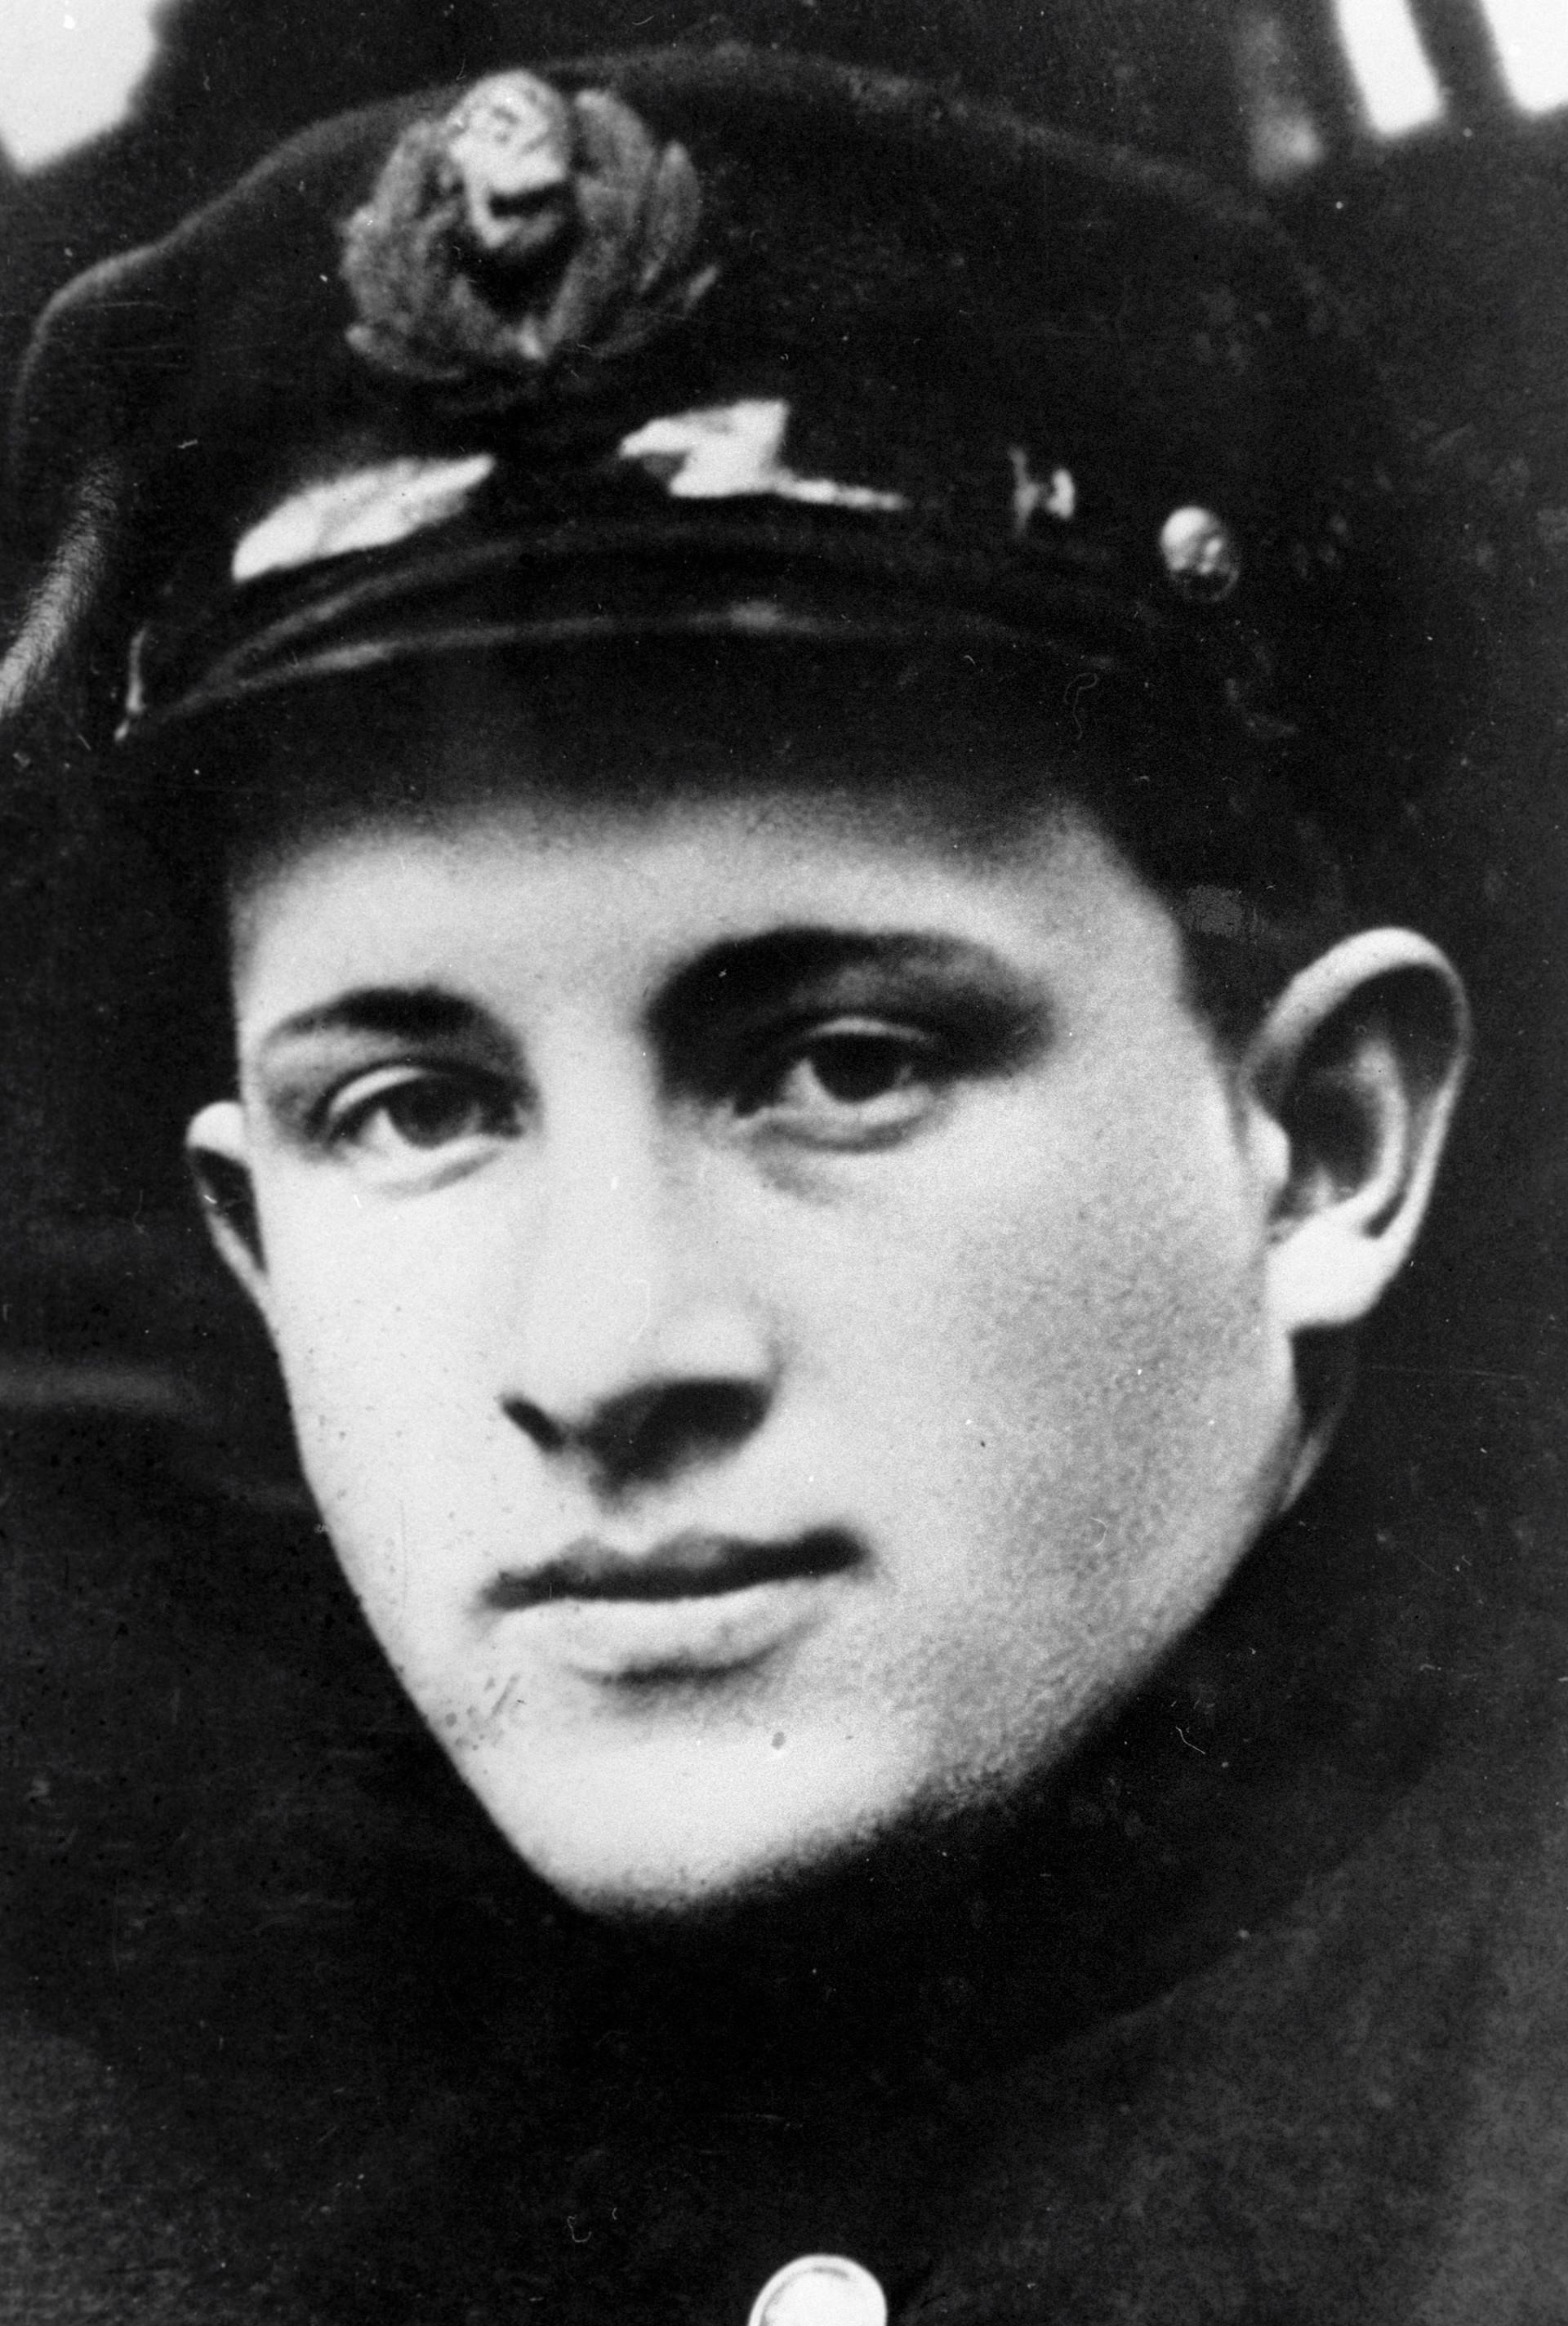 Bevor er Generalsekretär wurde, war Jurij Andropow 15 Jahre lang Chef des sowjetischen Keheimdienstes KGB. Er löste breschnew 1982 auf dem Posten des höchsten Staatsamtes ab, starb jedoch nur ein Jahr und drei Monate später. Das Bild zeigt Andropow als Student, 1936